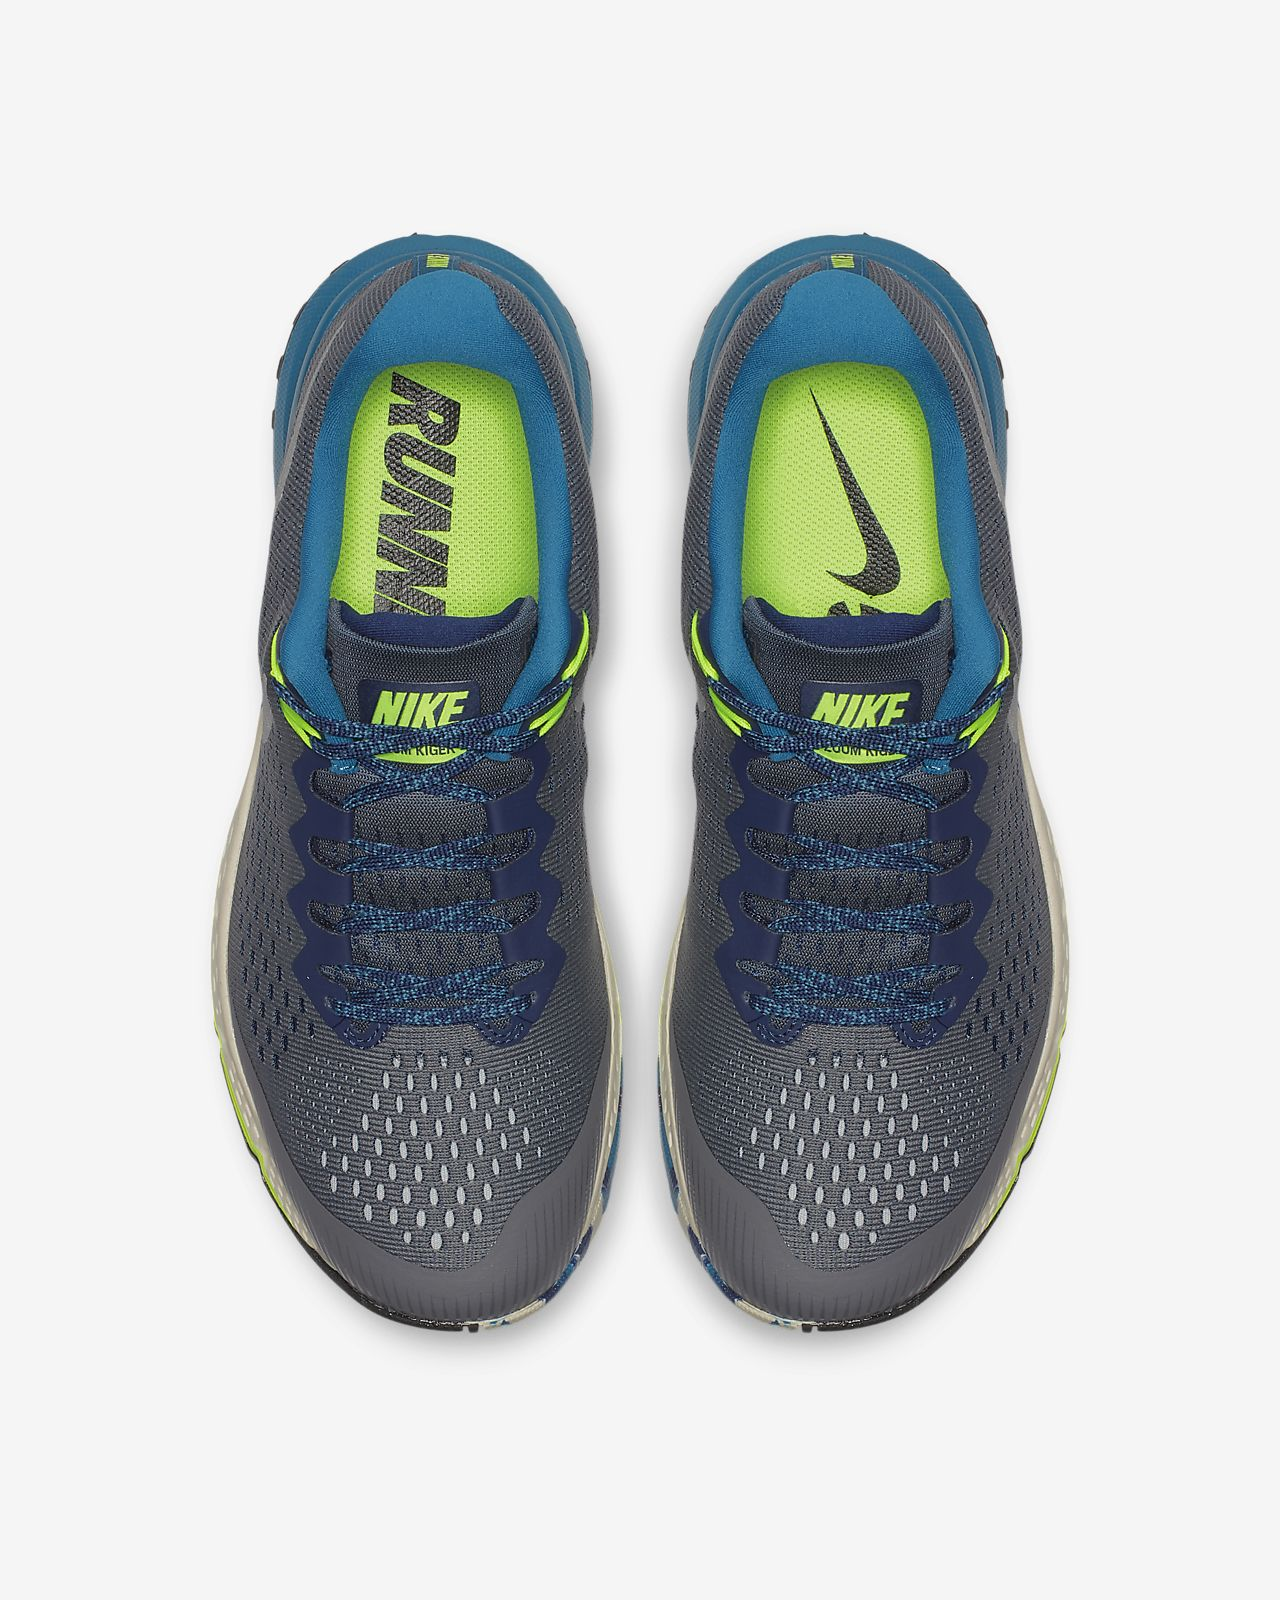 0a05b0679657e Nike Air Zoom Terra Kiger 4 Zapatillas de running - Hombre. Nike.com ES